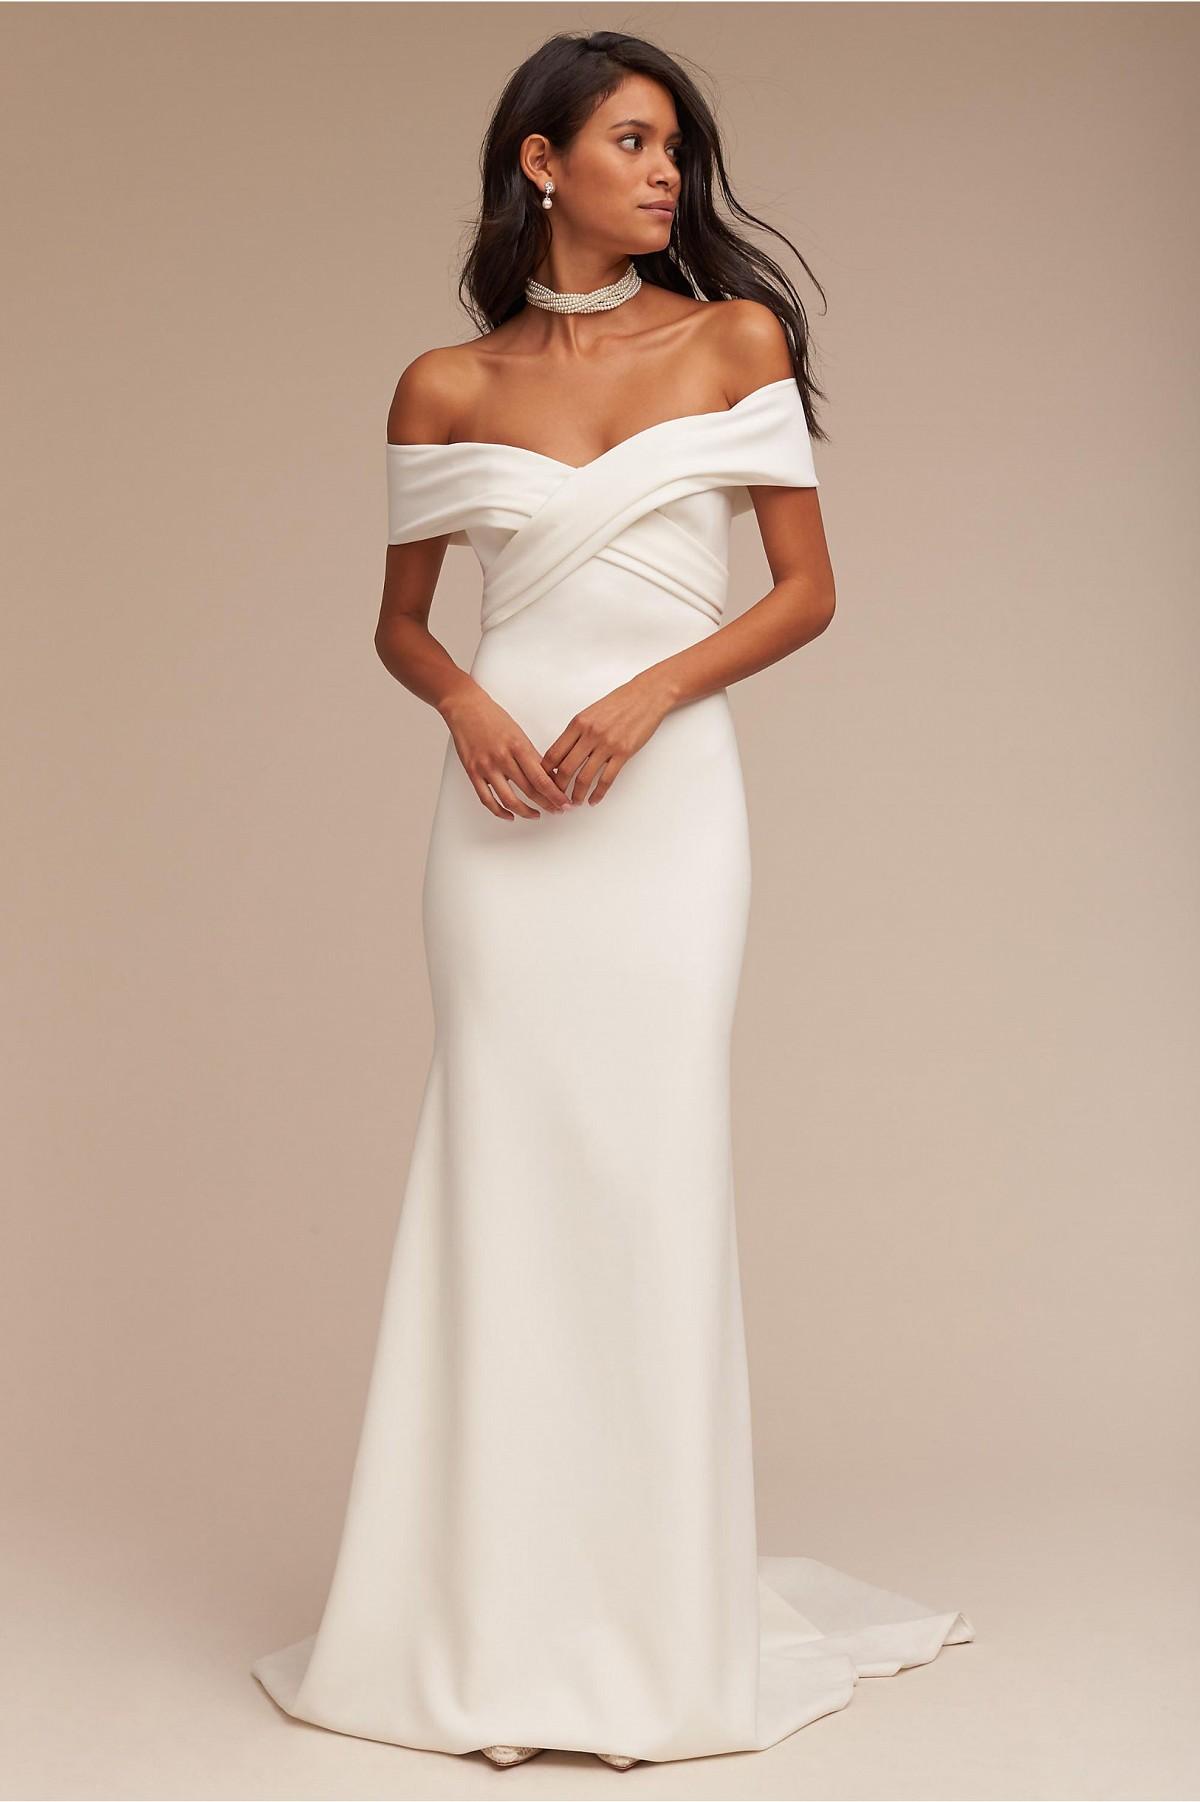 Meghan Markle inspired wedding dresses